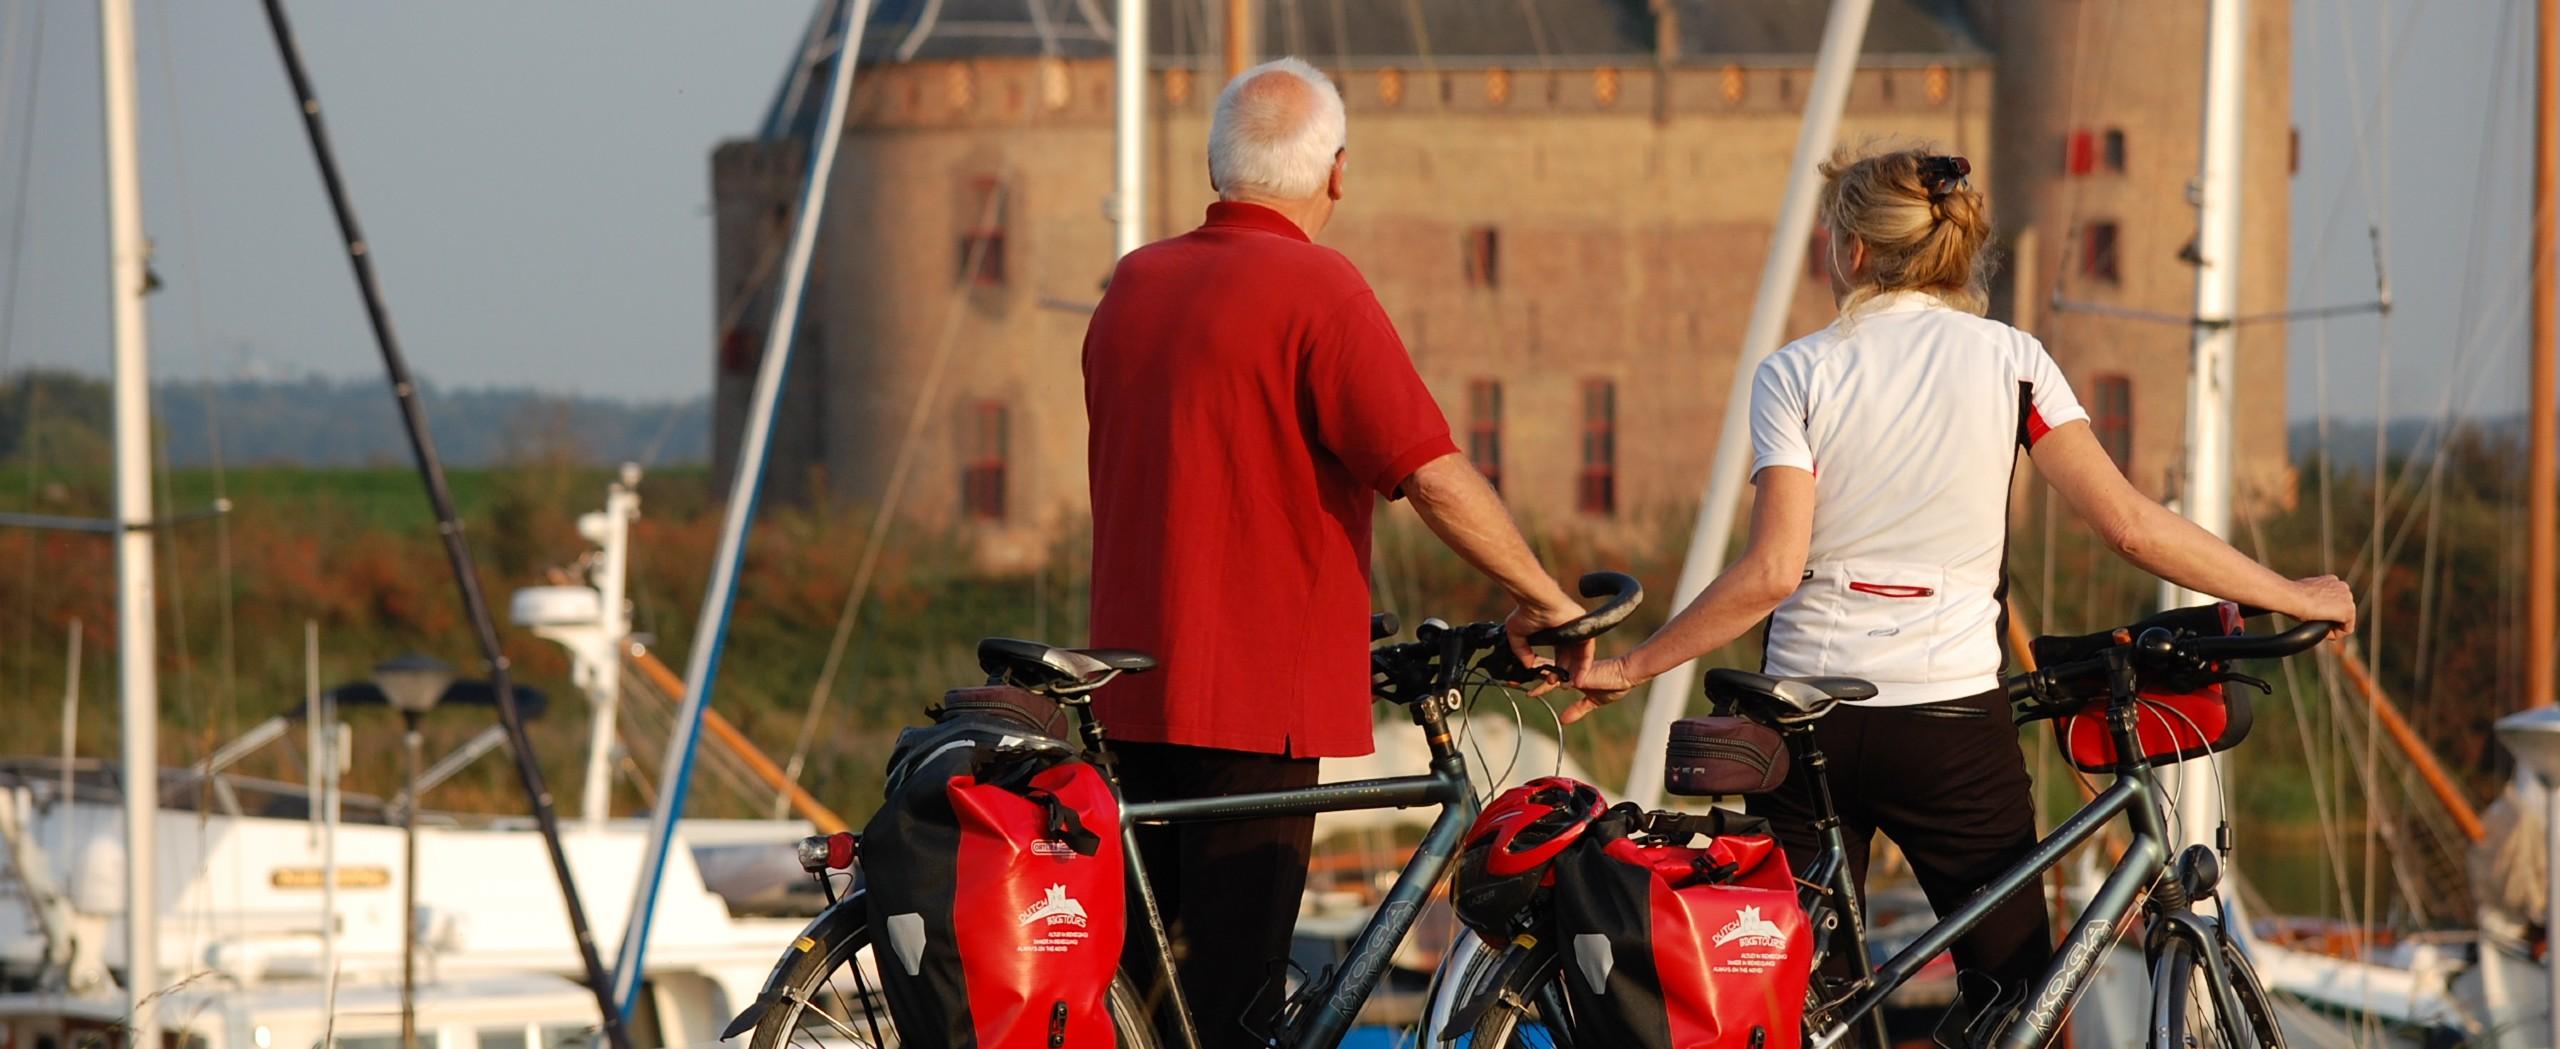 Holland Family Biking Tour